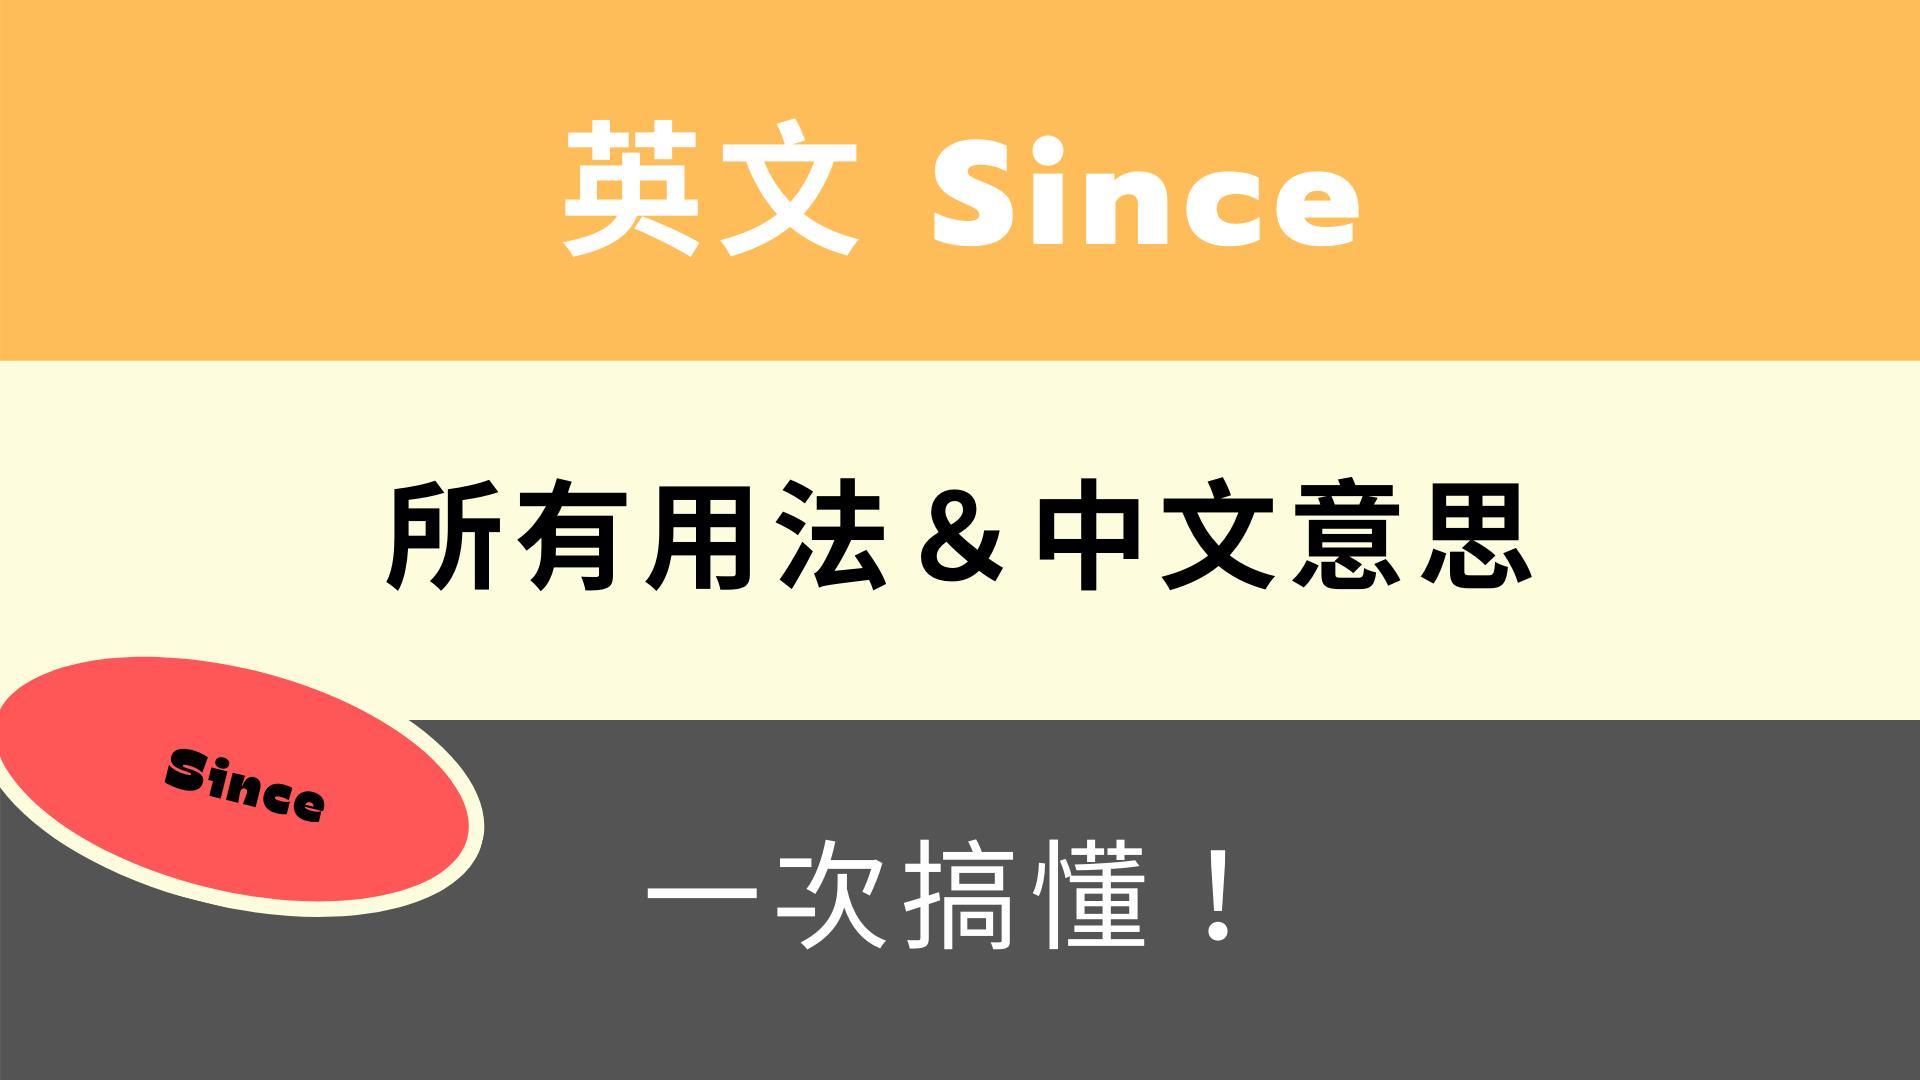 英文 Since 用法與中文意思!看例句一次搞懂